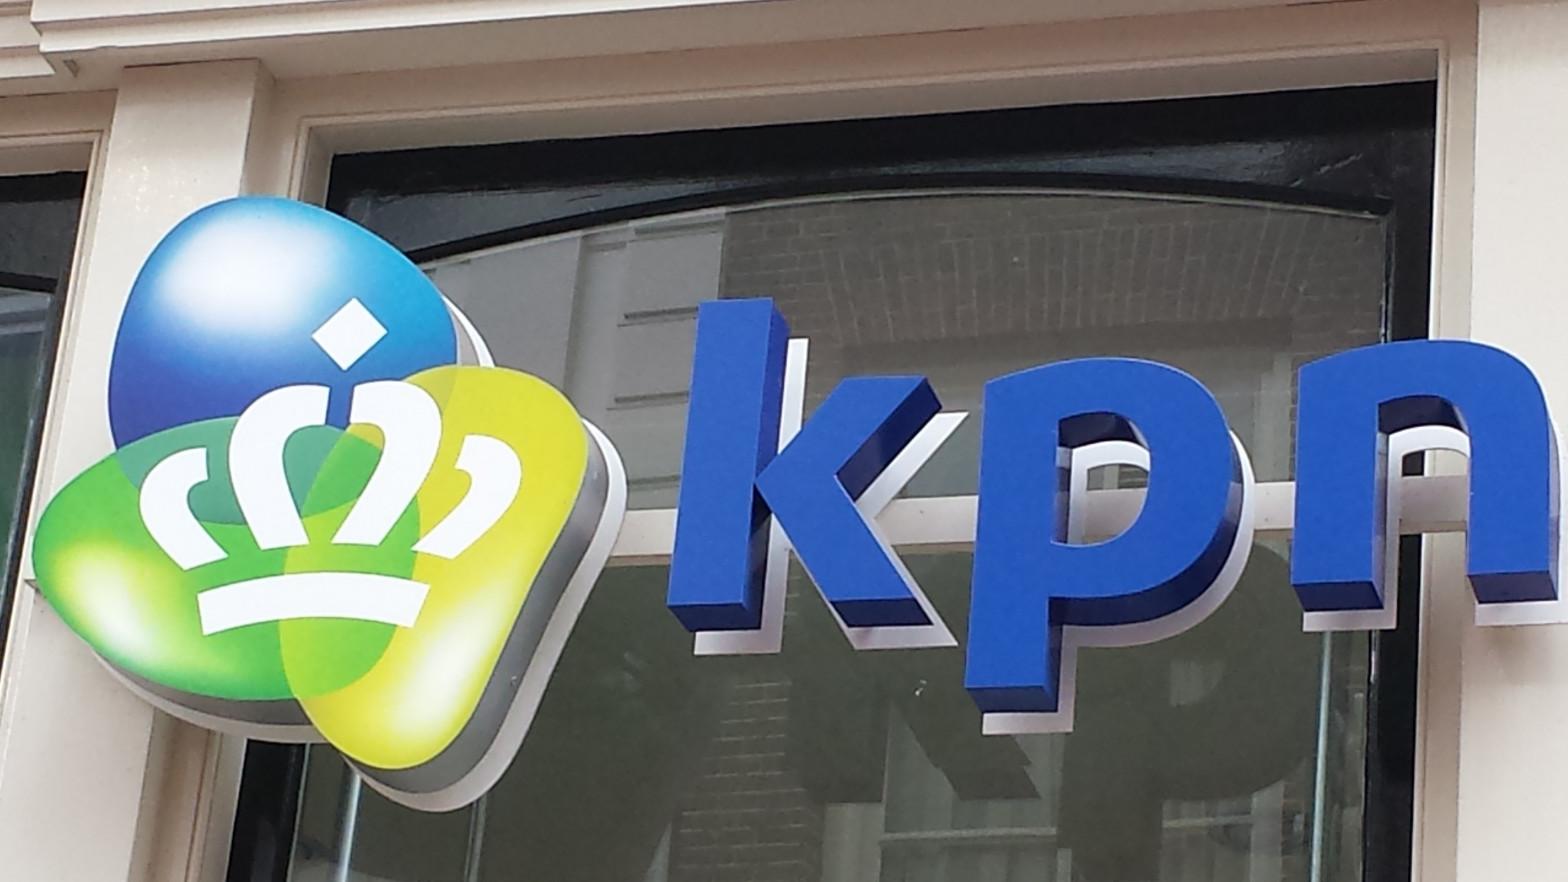 La operadora holandesa KPN se aferra a su red 5G tras el éxito de su acuerdo con Huawei